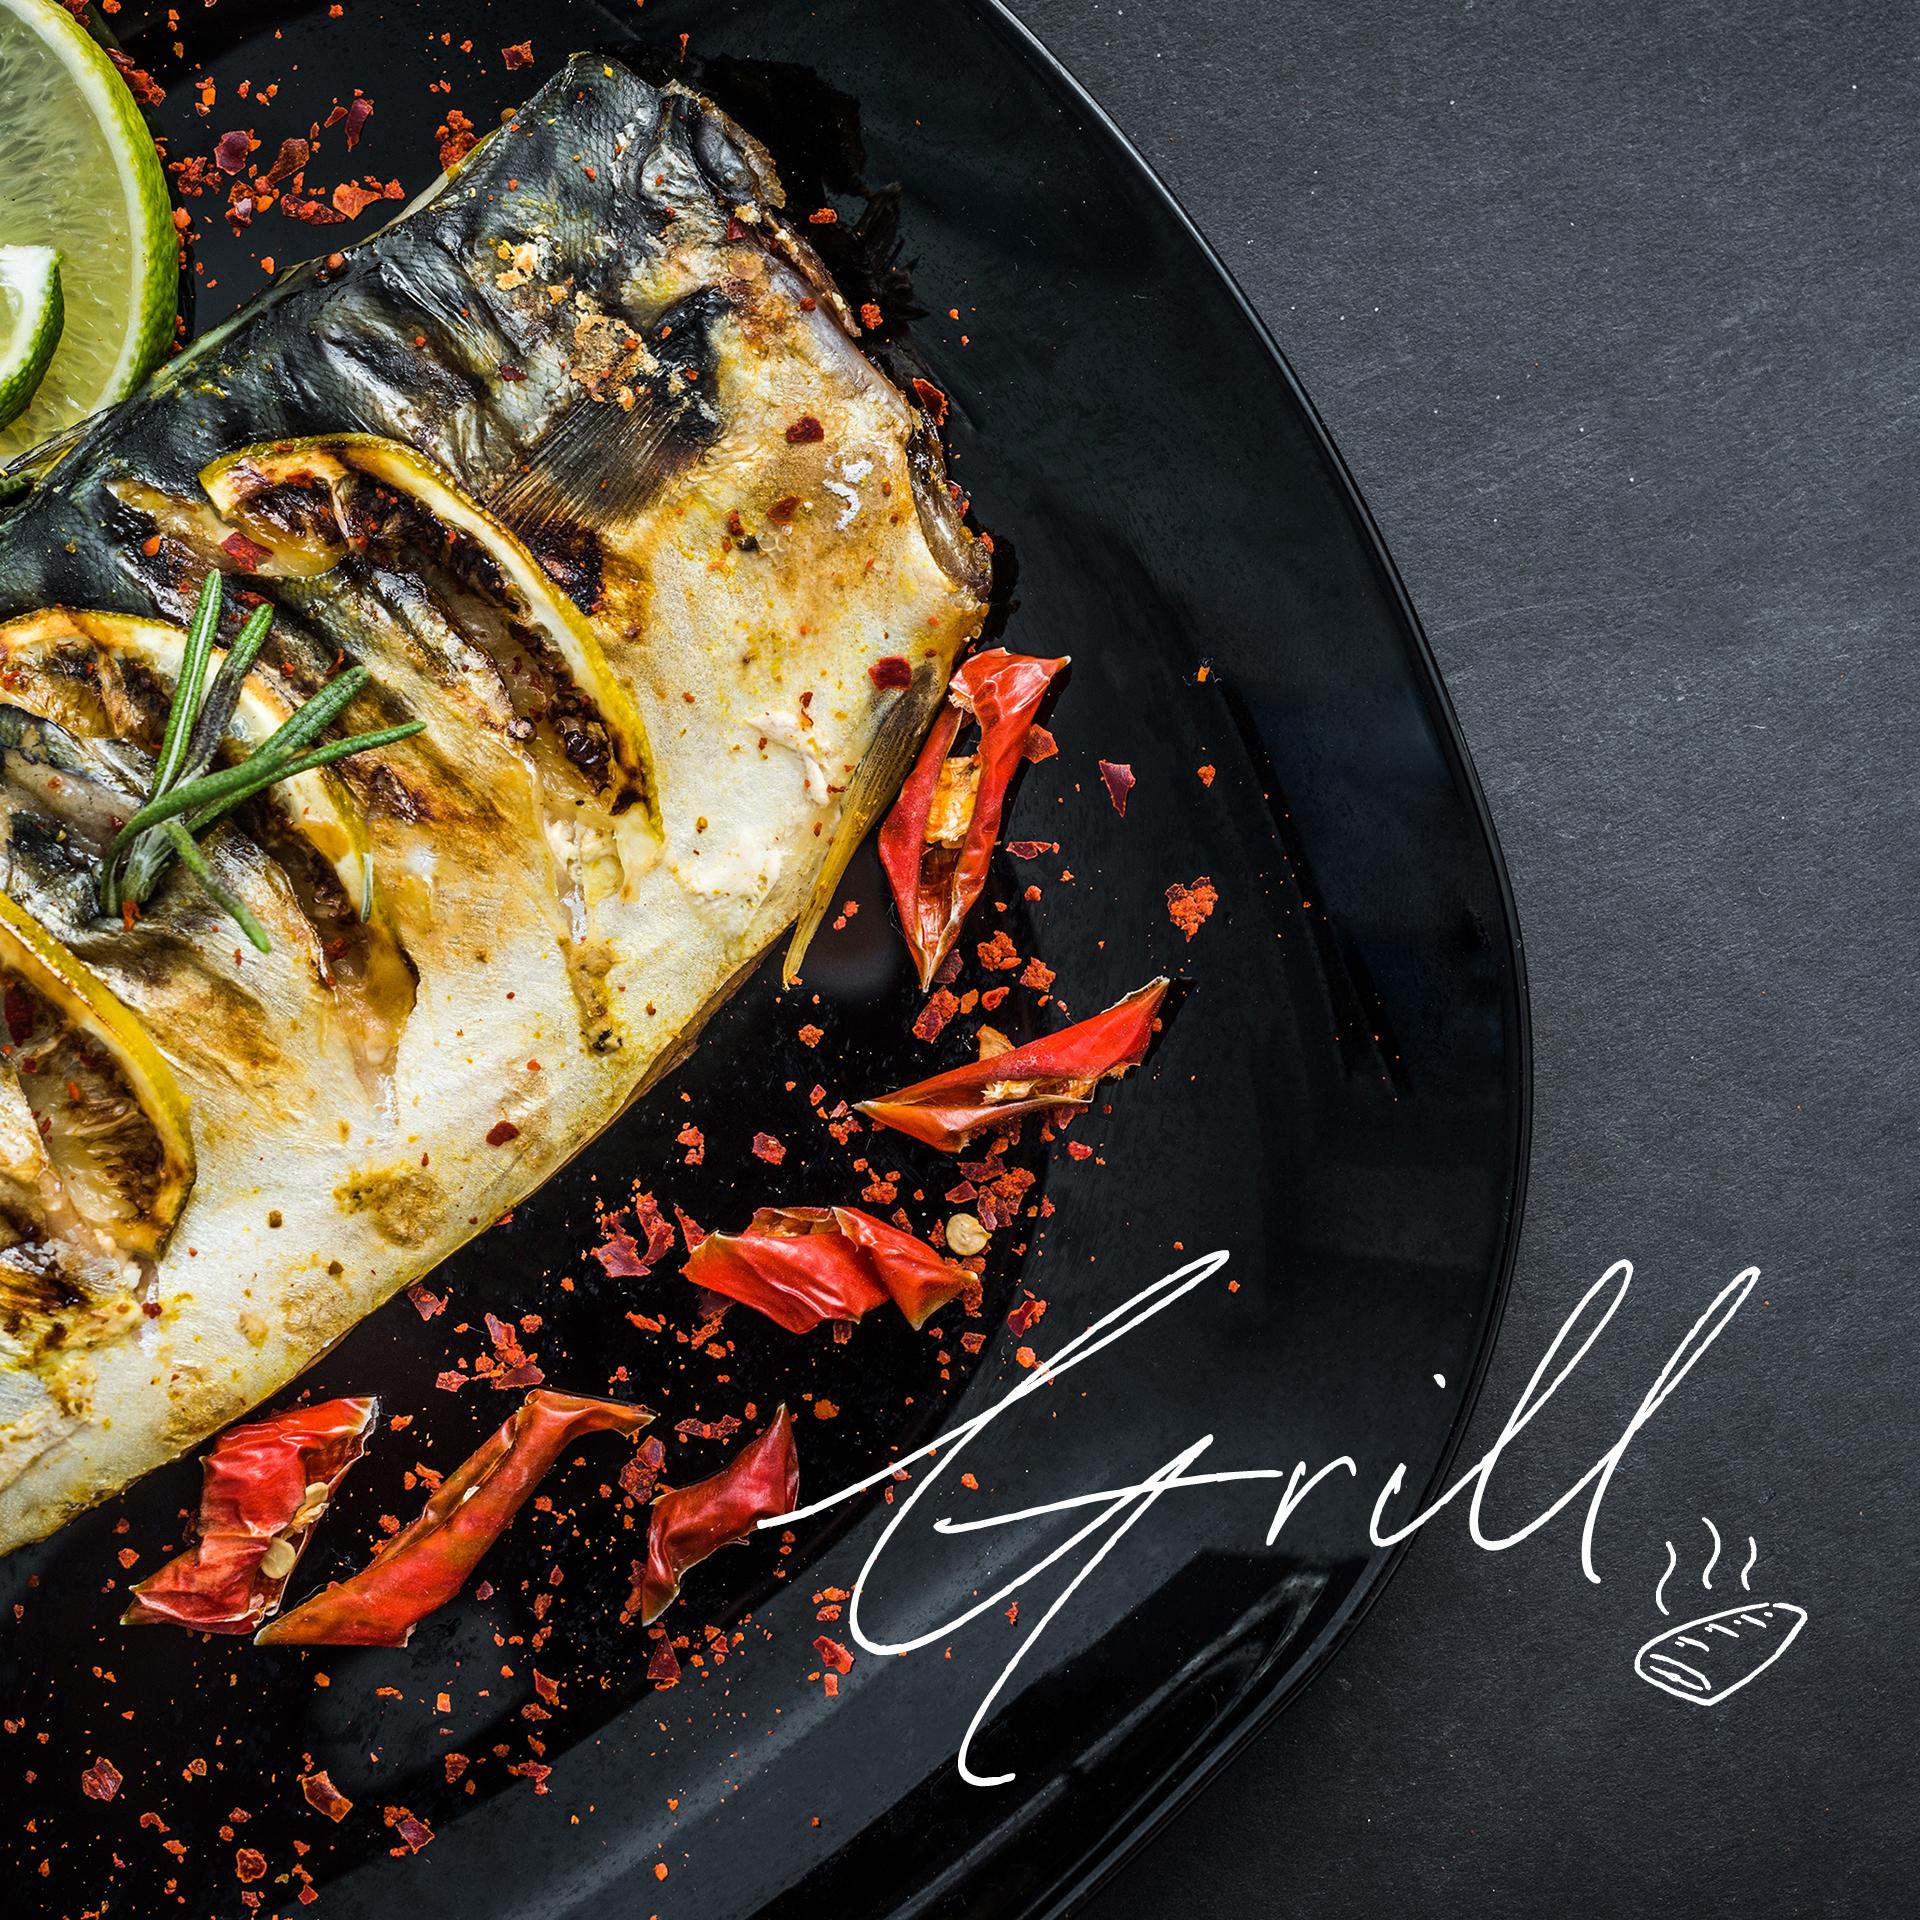 집에서도 생선 맛있게 굽는 방법